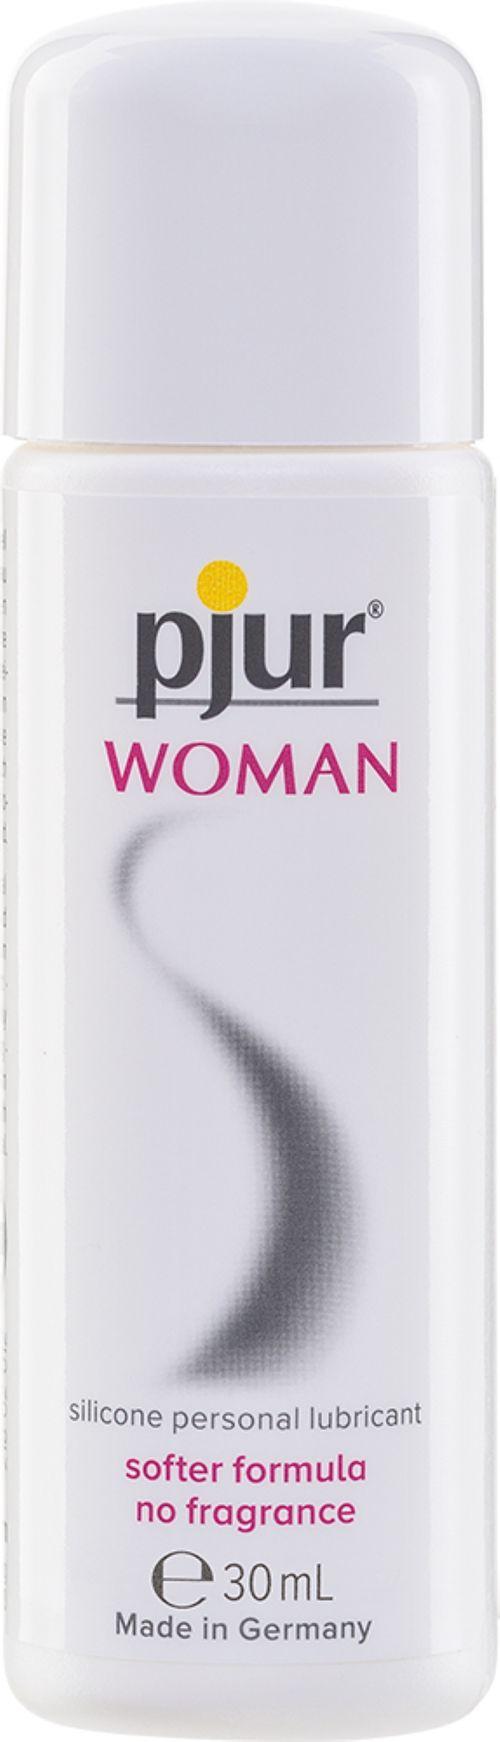 Pjur Woman Glijmiddel Op Siliconenbasis - 30 ml